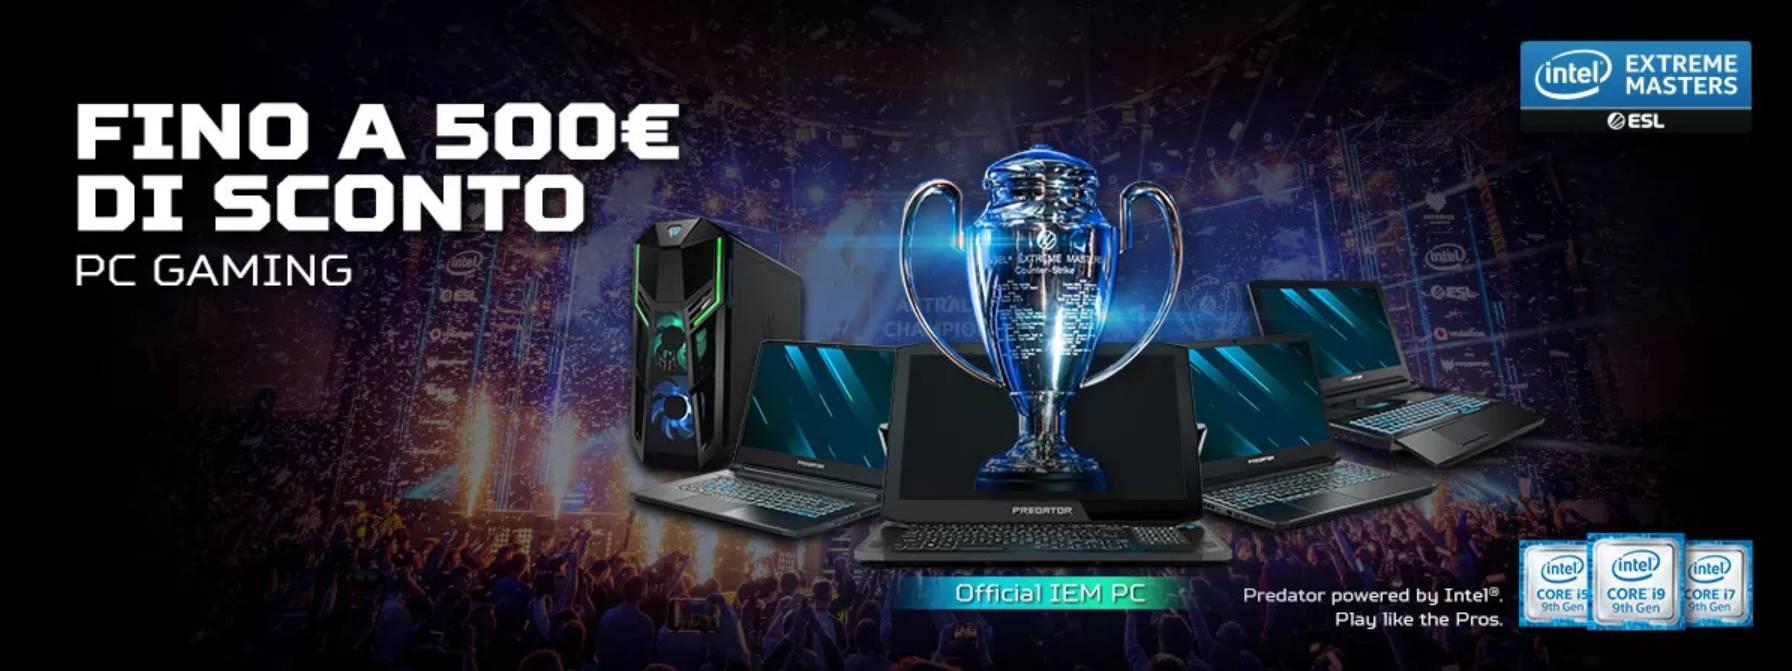 Fino a 500€ di sconto sui PC e Monitor Gaming Acer